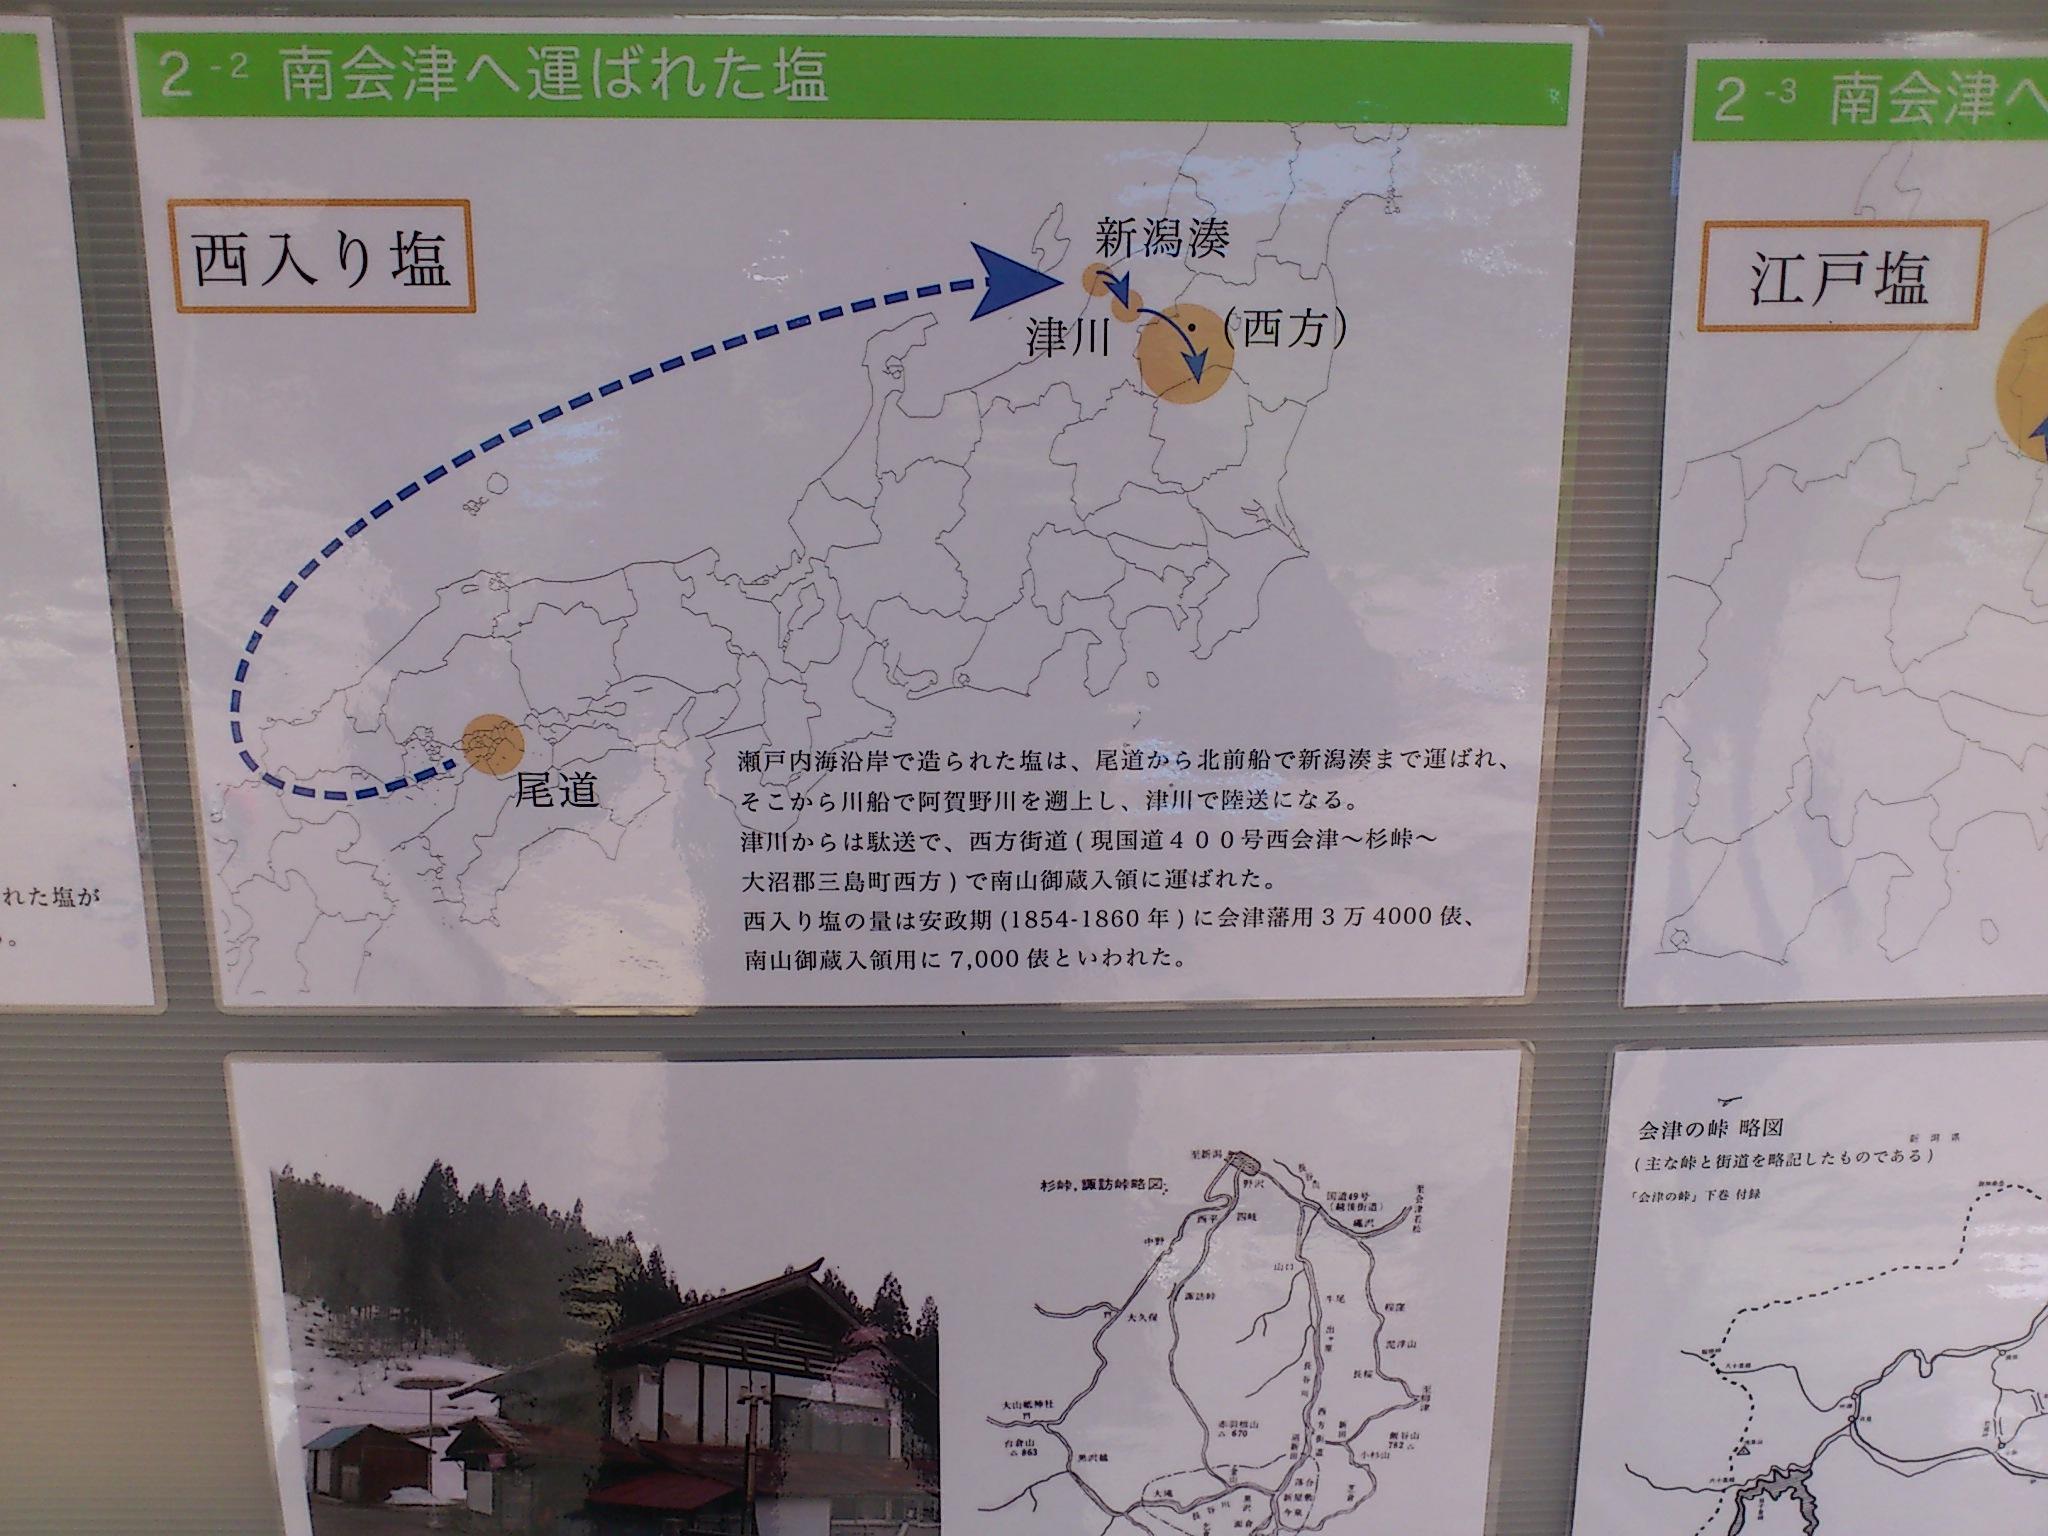 @会津山村道場。その昔会津の塩は新潟、江戸、いわきから運ばれていた。今日は塩炊き。記憶の再生。